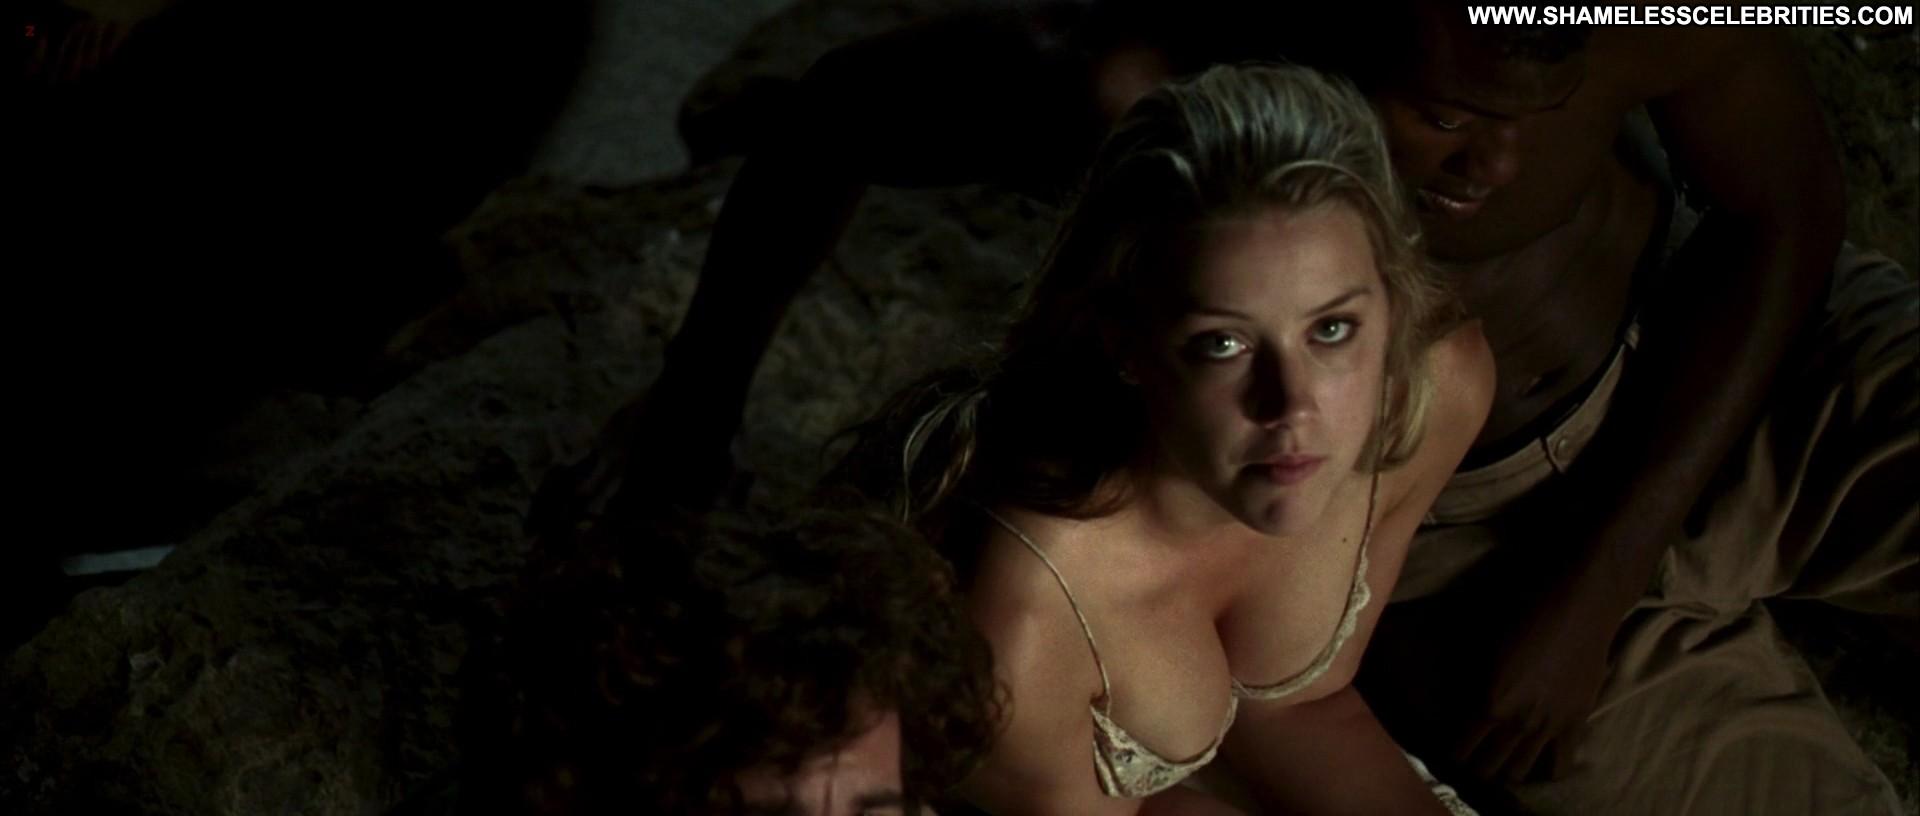 Nude Sexy Hot Photos